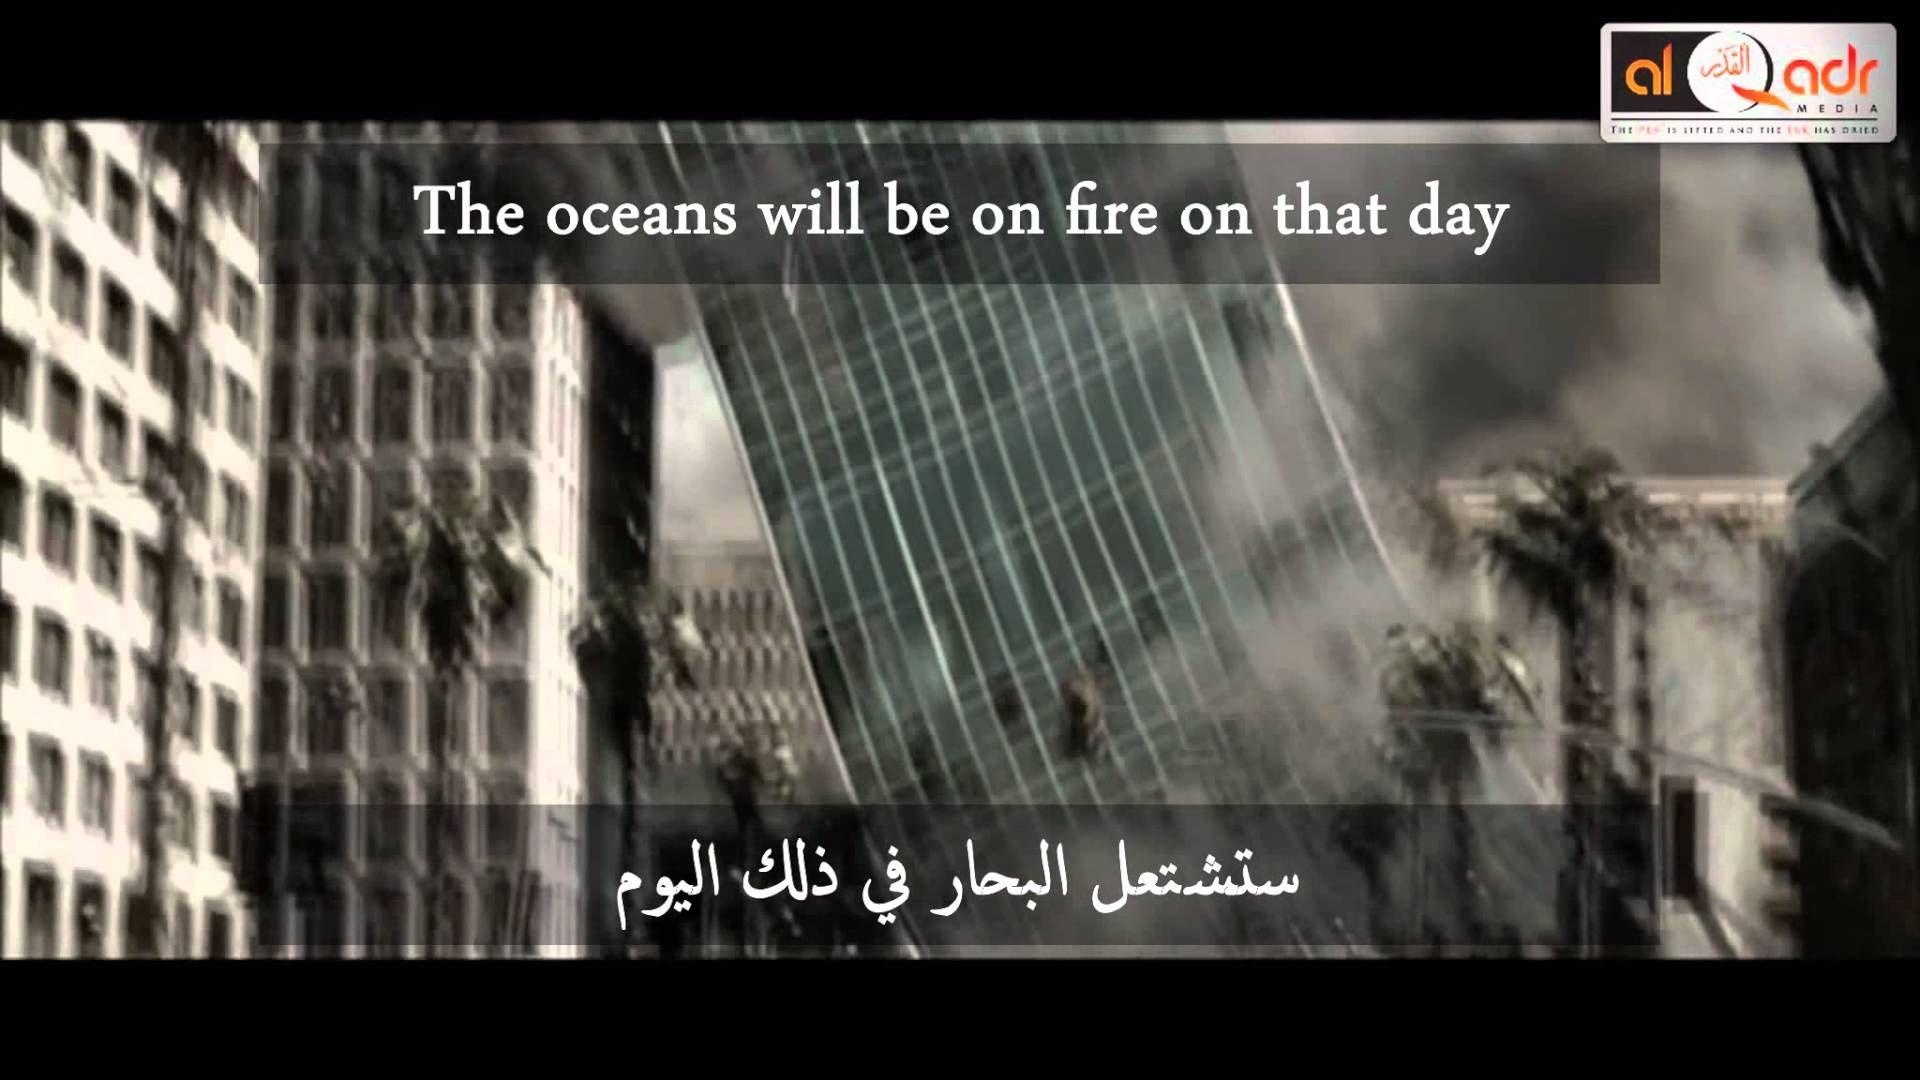 اتحداك لو ما بكيت فيديو عن يوم الحساب عربي و انجليزي ᴴᴰ Holy Quran Ocean Lockscreen Screenshot